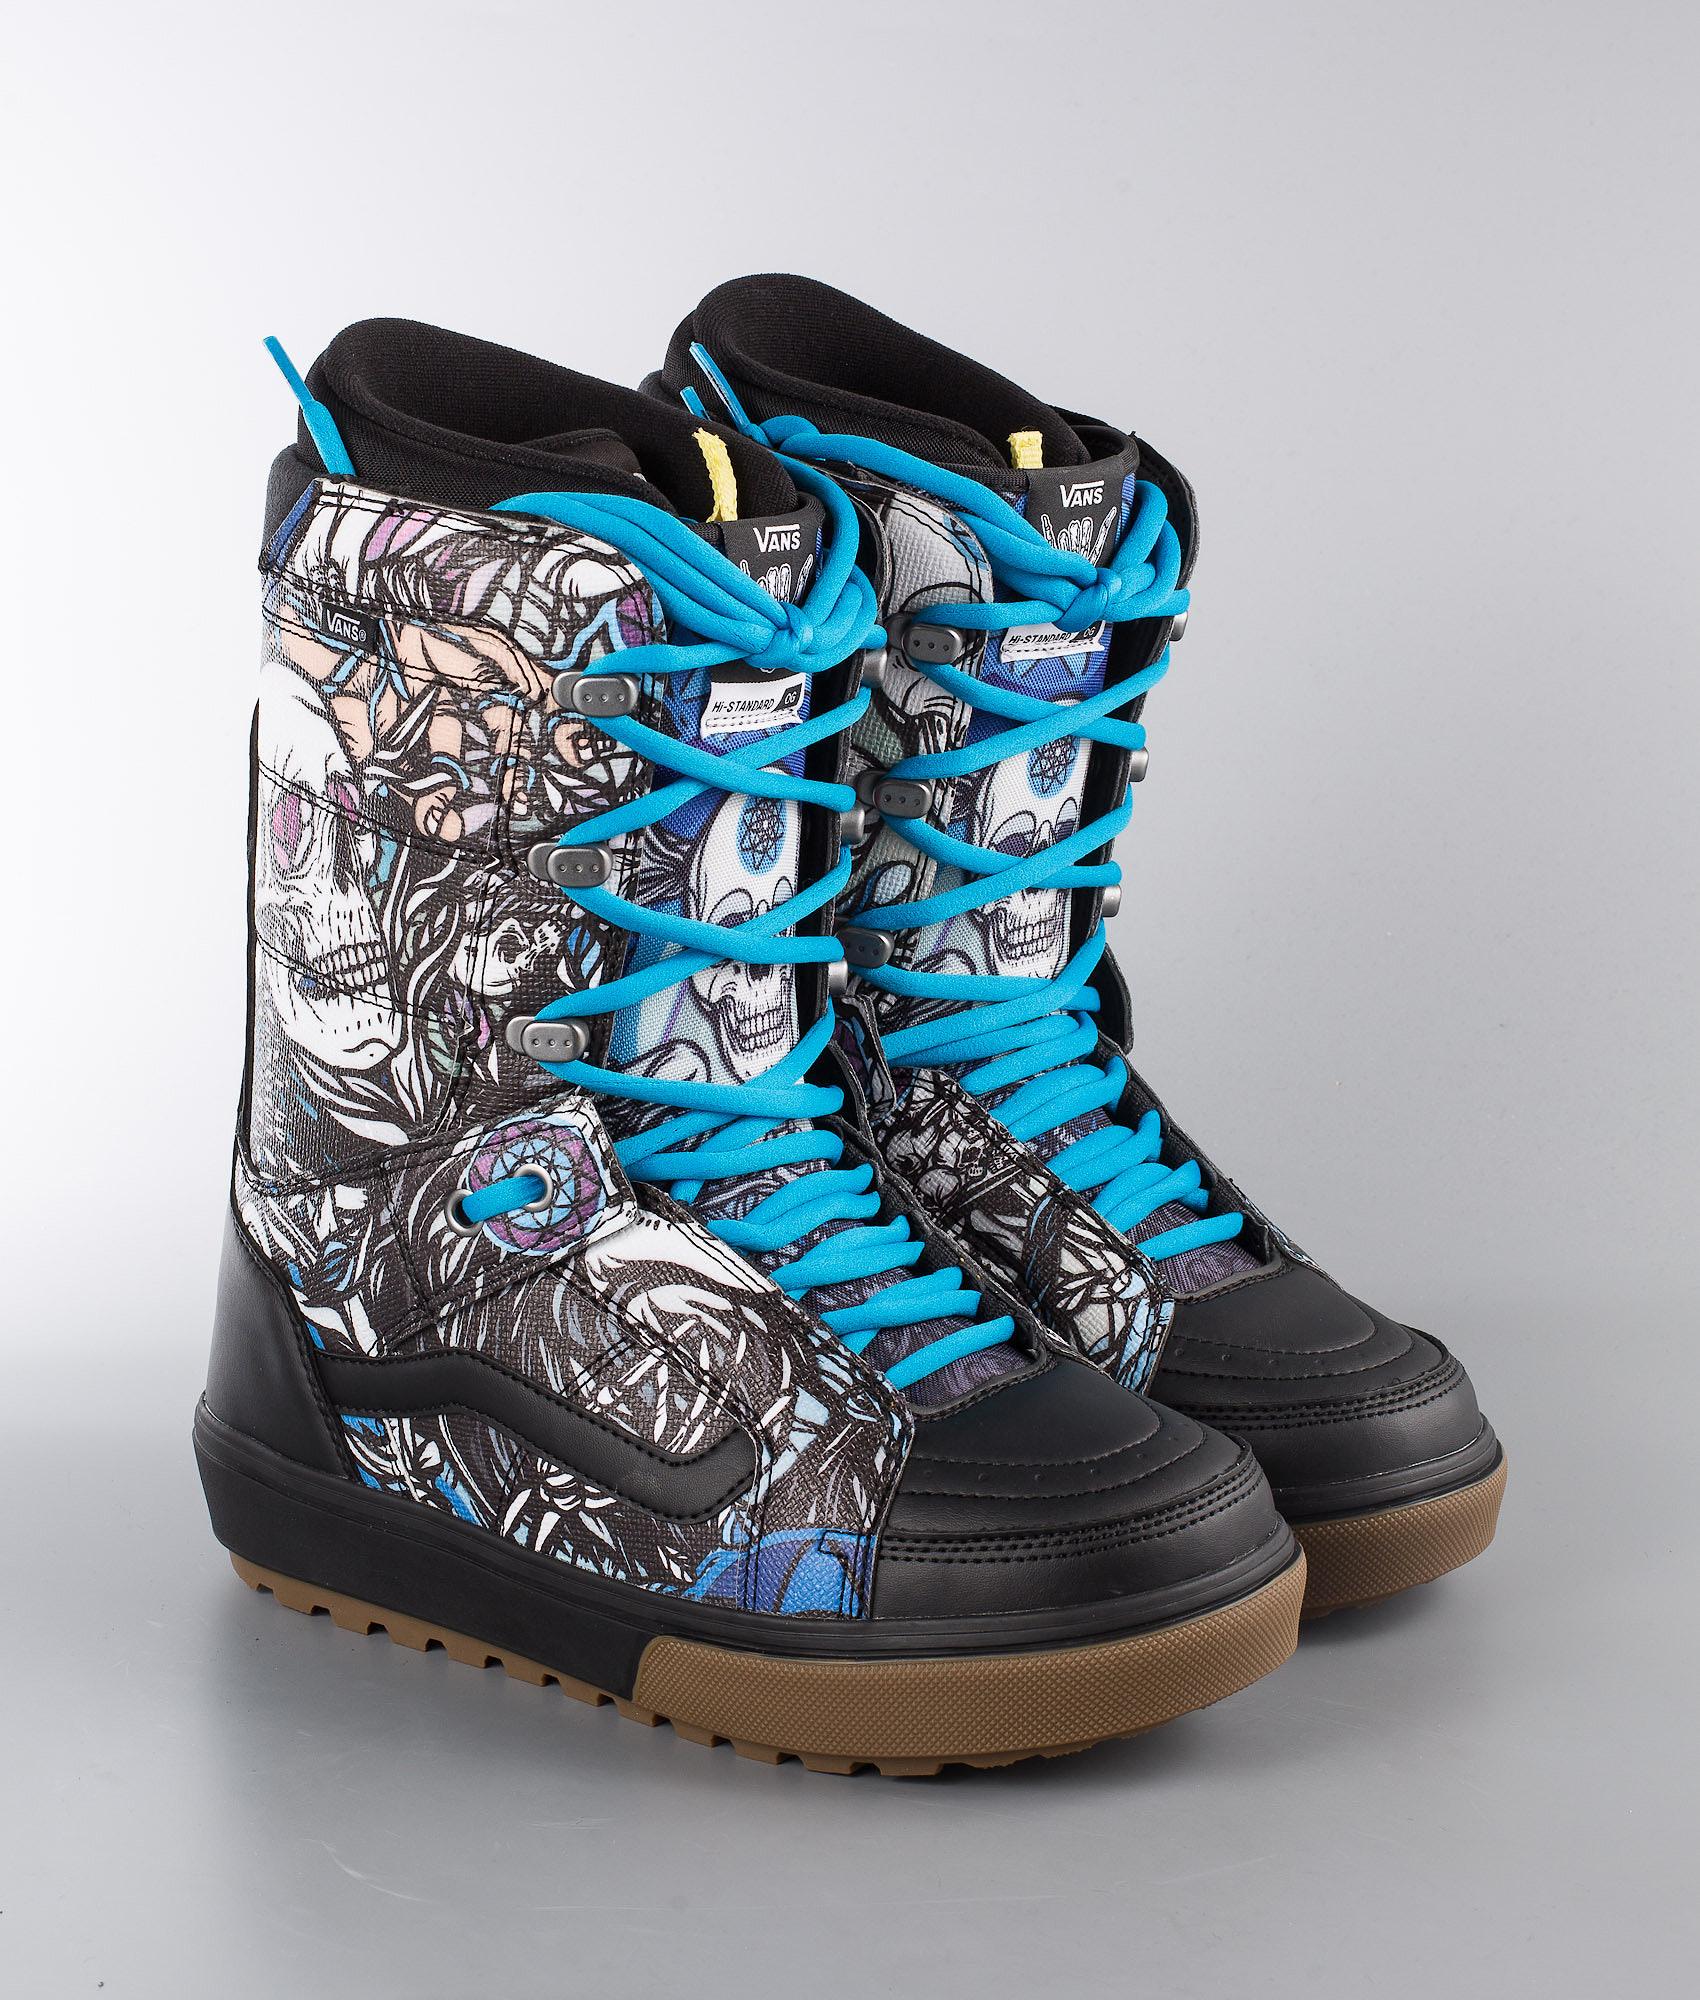 7c082e2d9a Vans Hi-Standard OG Snowboard Boots Schoph - Ridestore.com